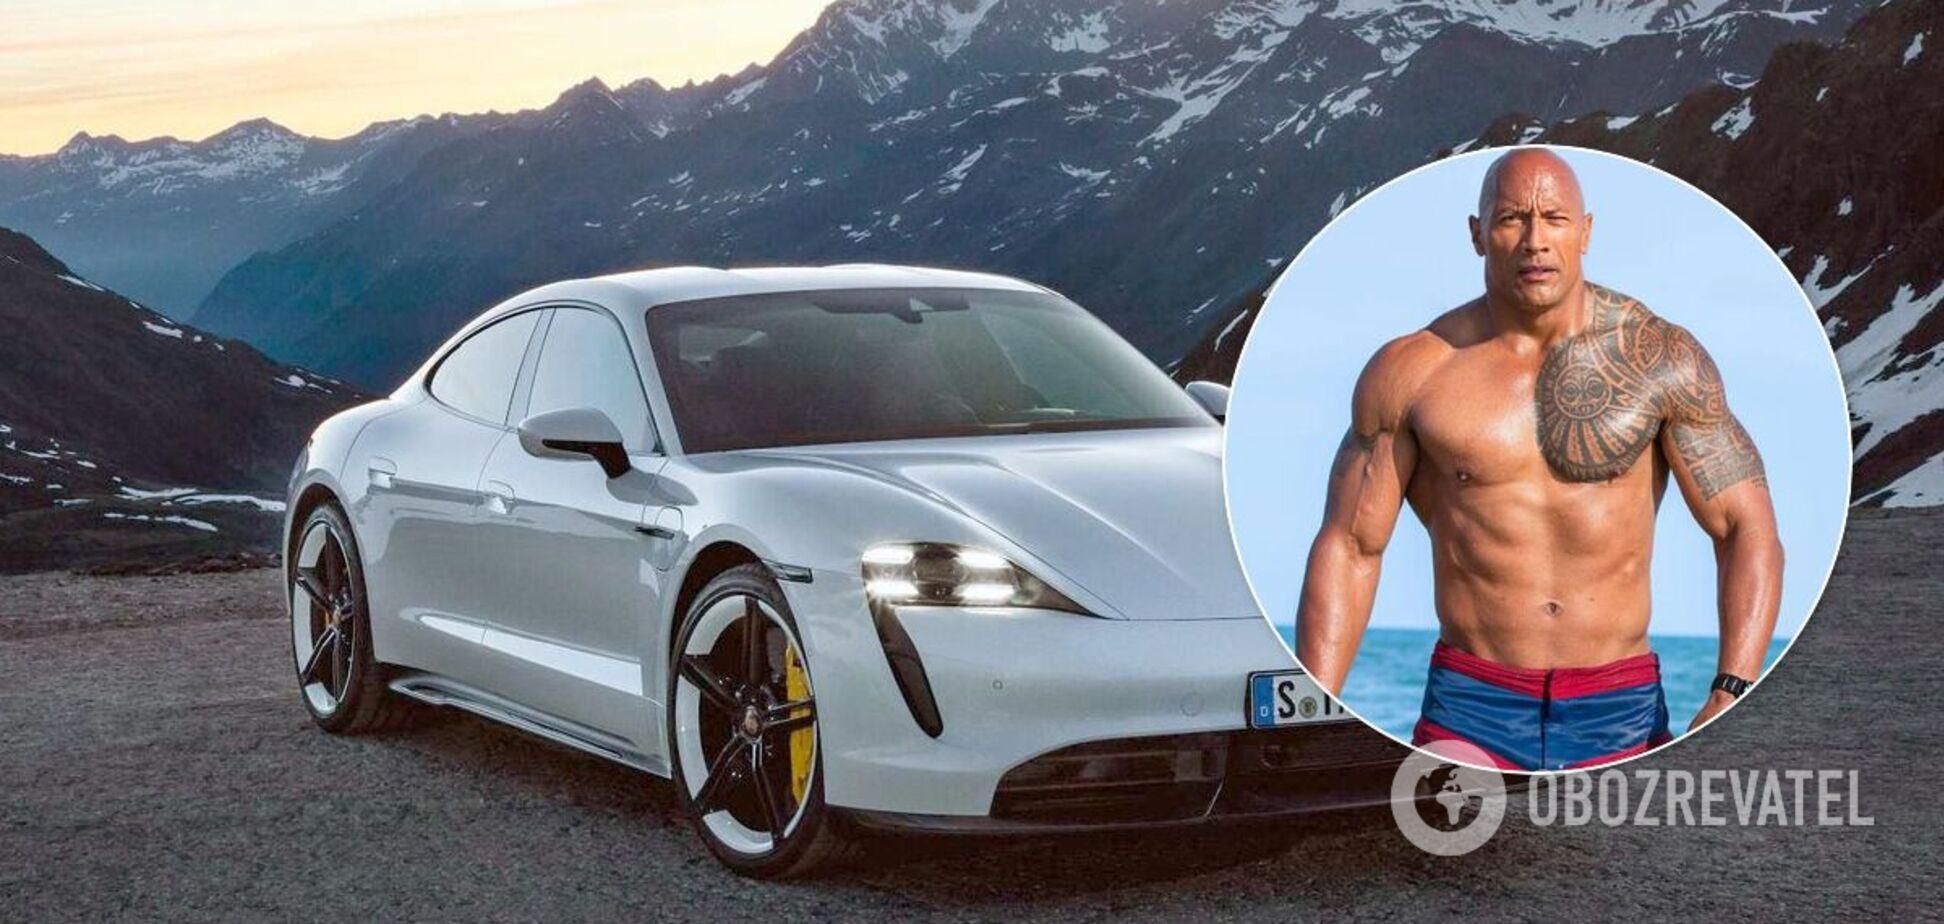 Дуейн 'Скеля' Джонсон не зміг поміститися в електромобіль Porsche